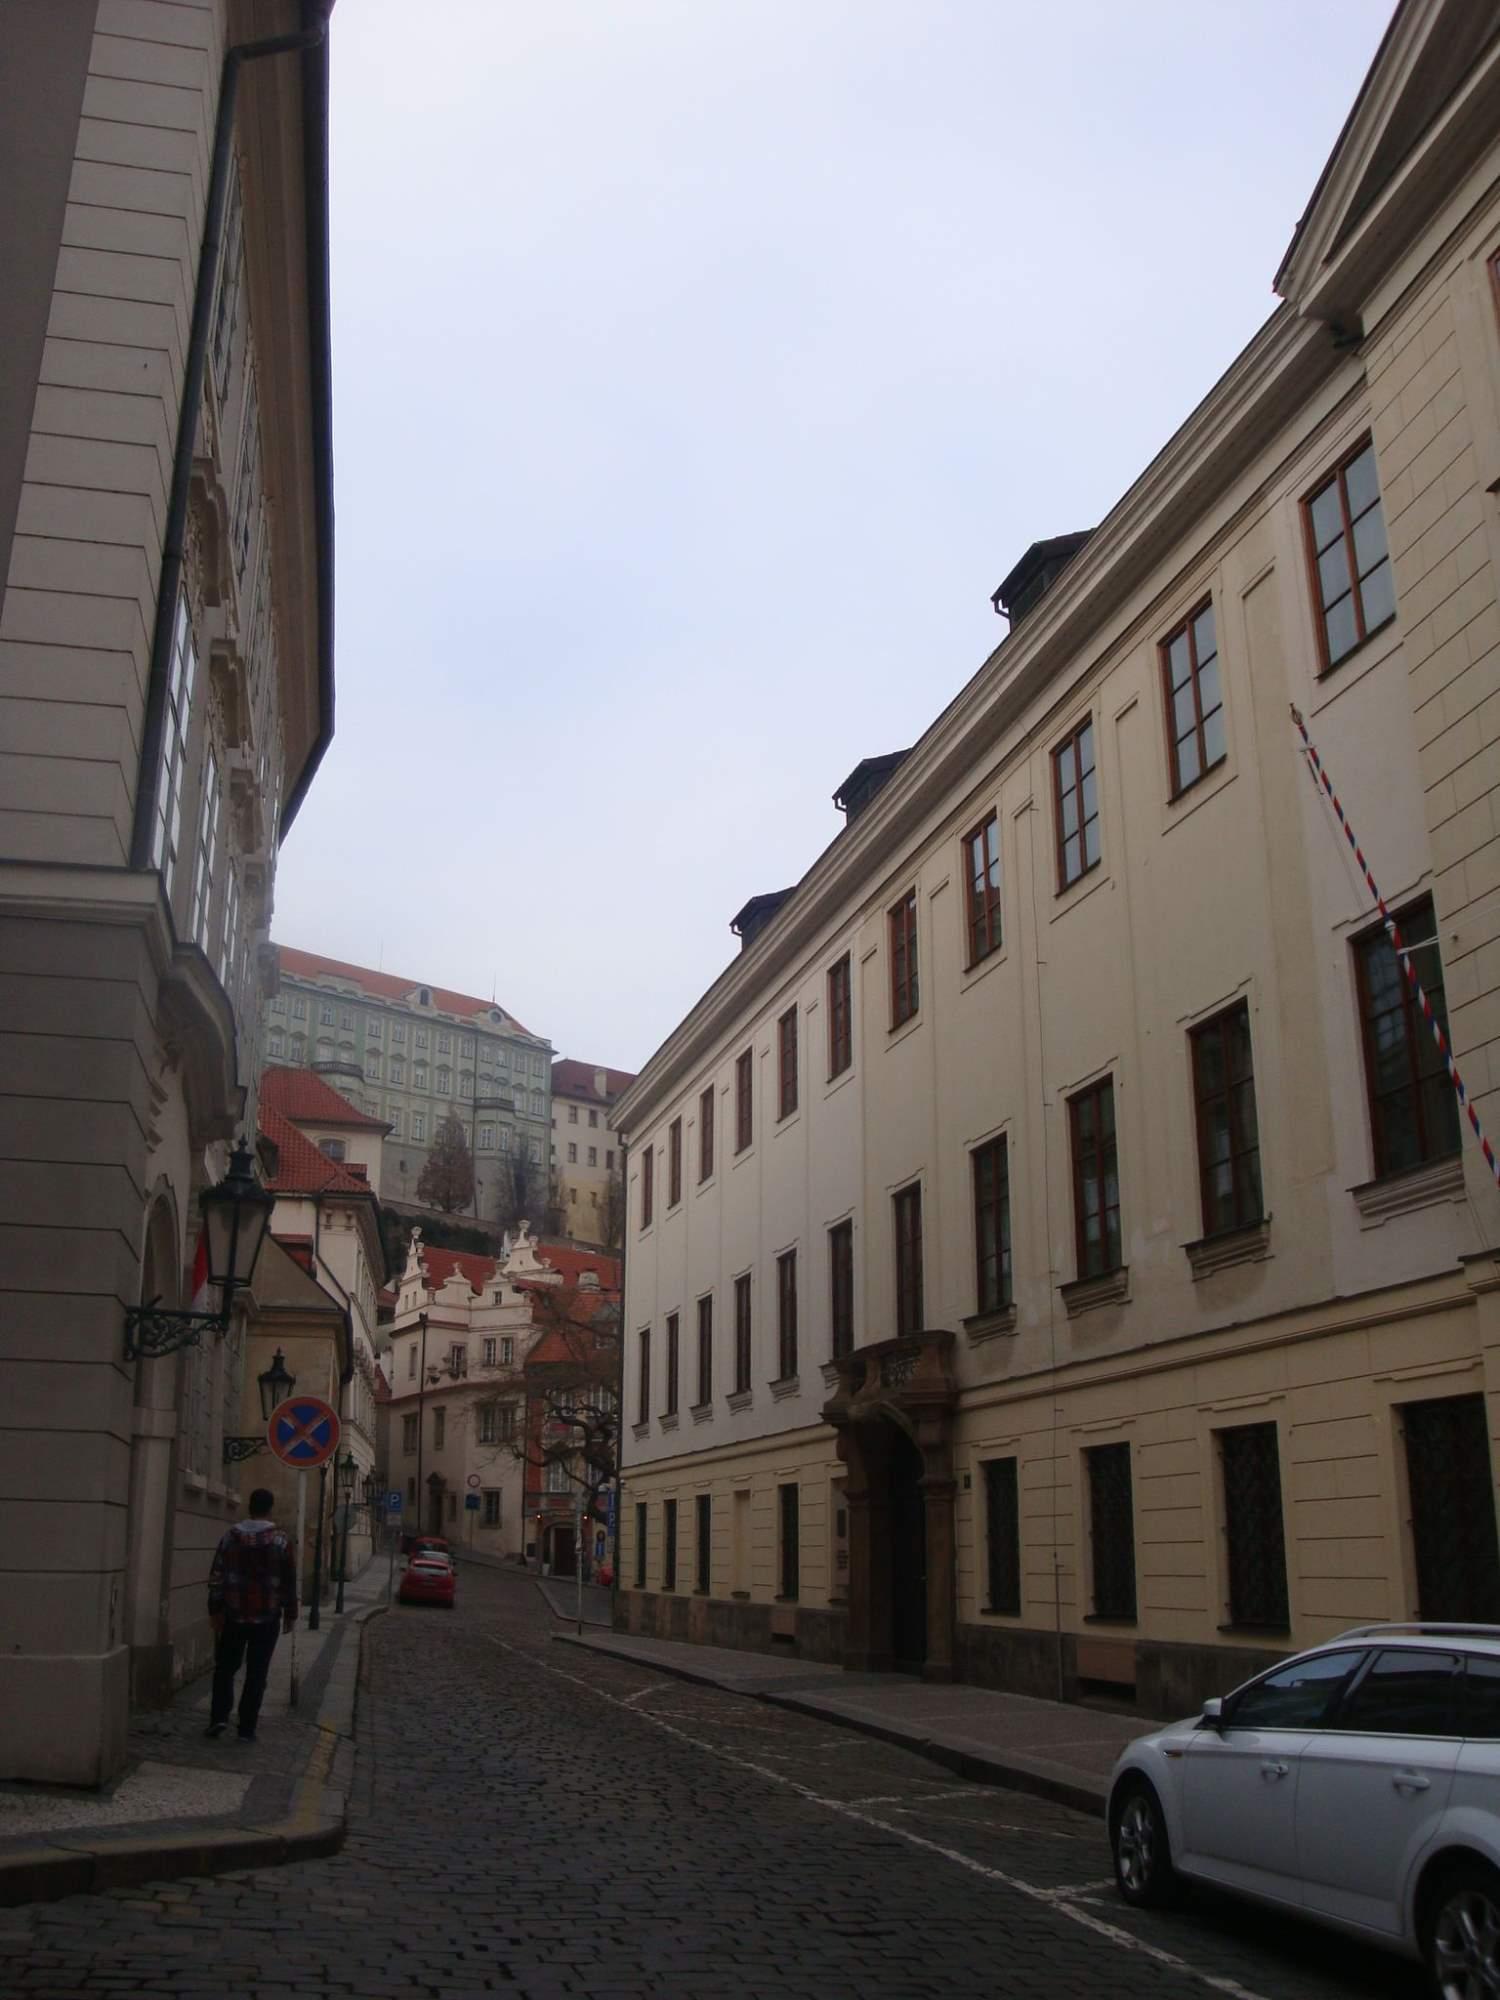 Poslanecká sněmovna v Praze